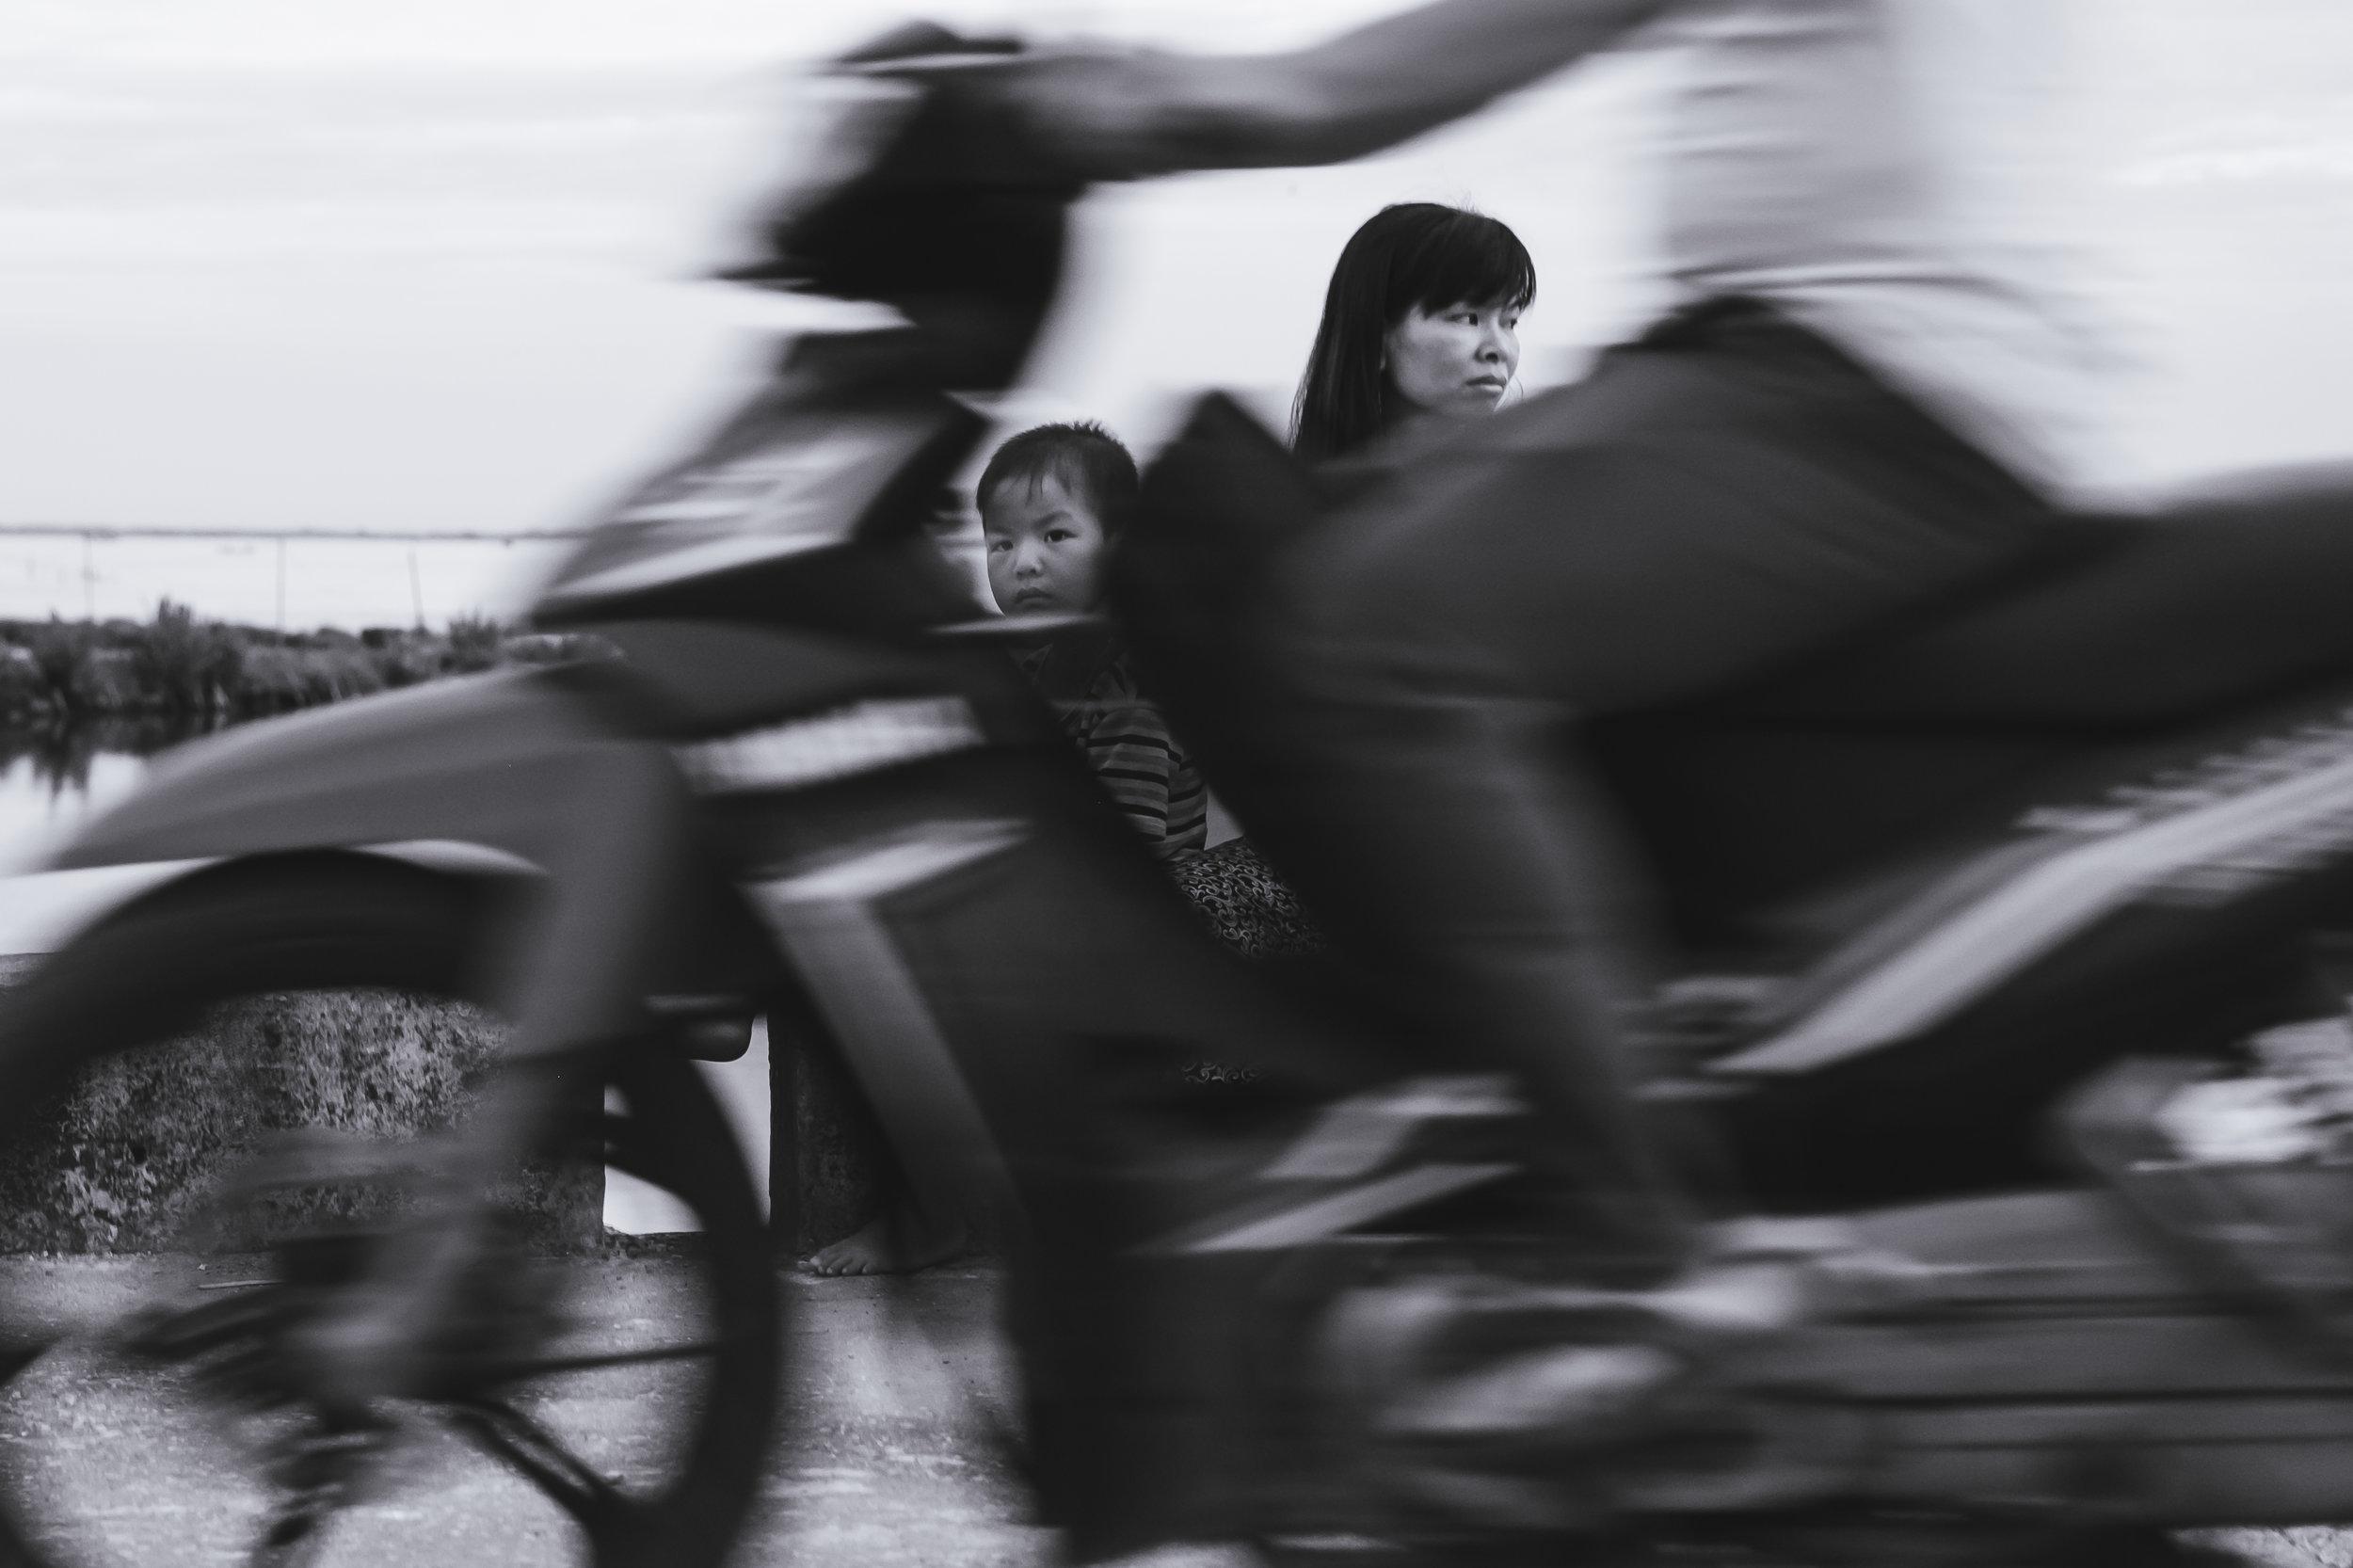 Vietnam-mother-son-glance